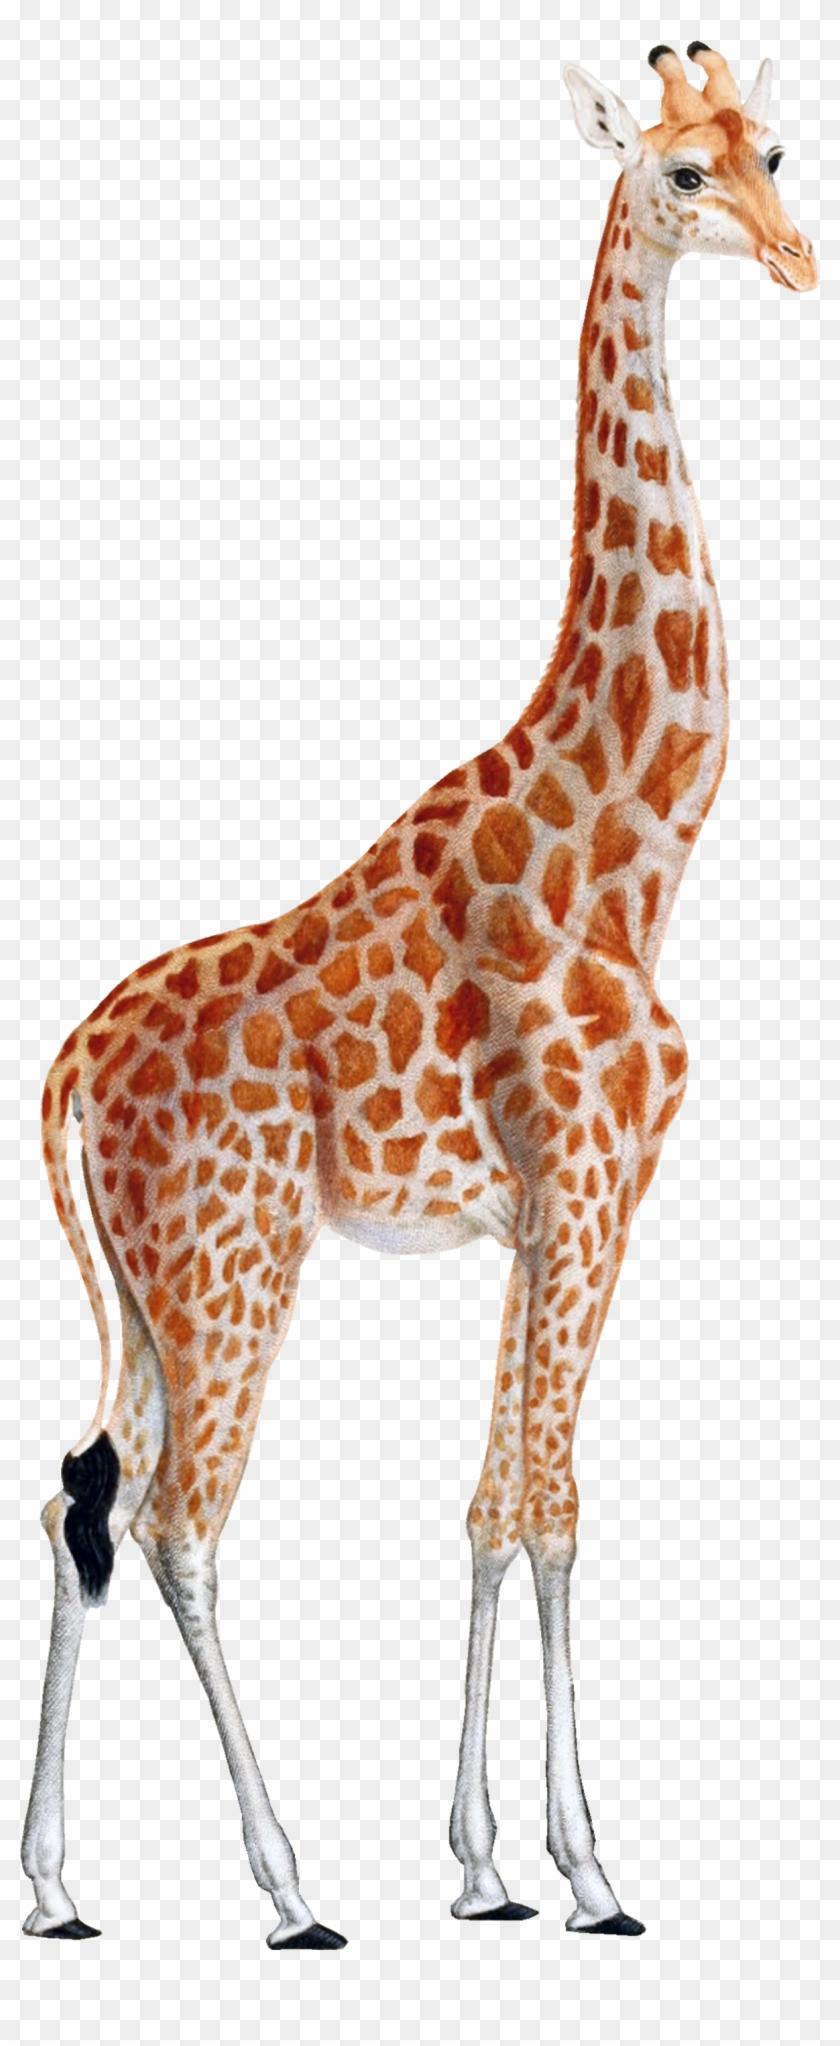 Giraffe Png - Giraffe Clipart Transparent Png@pikpng.com